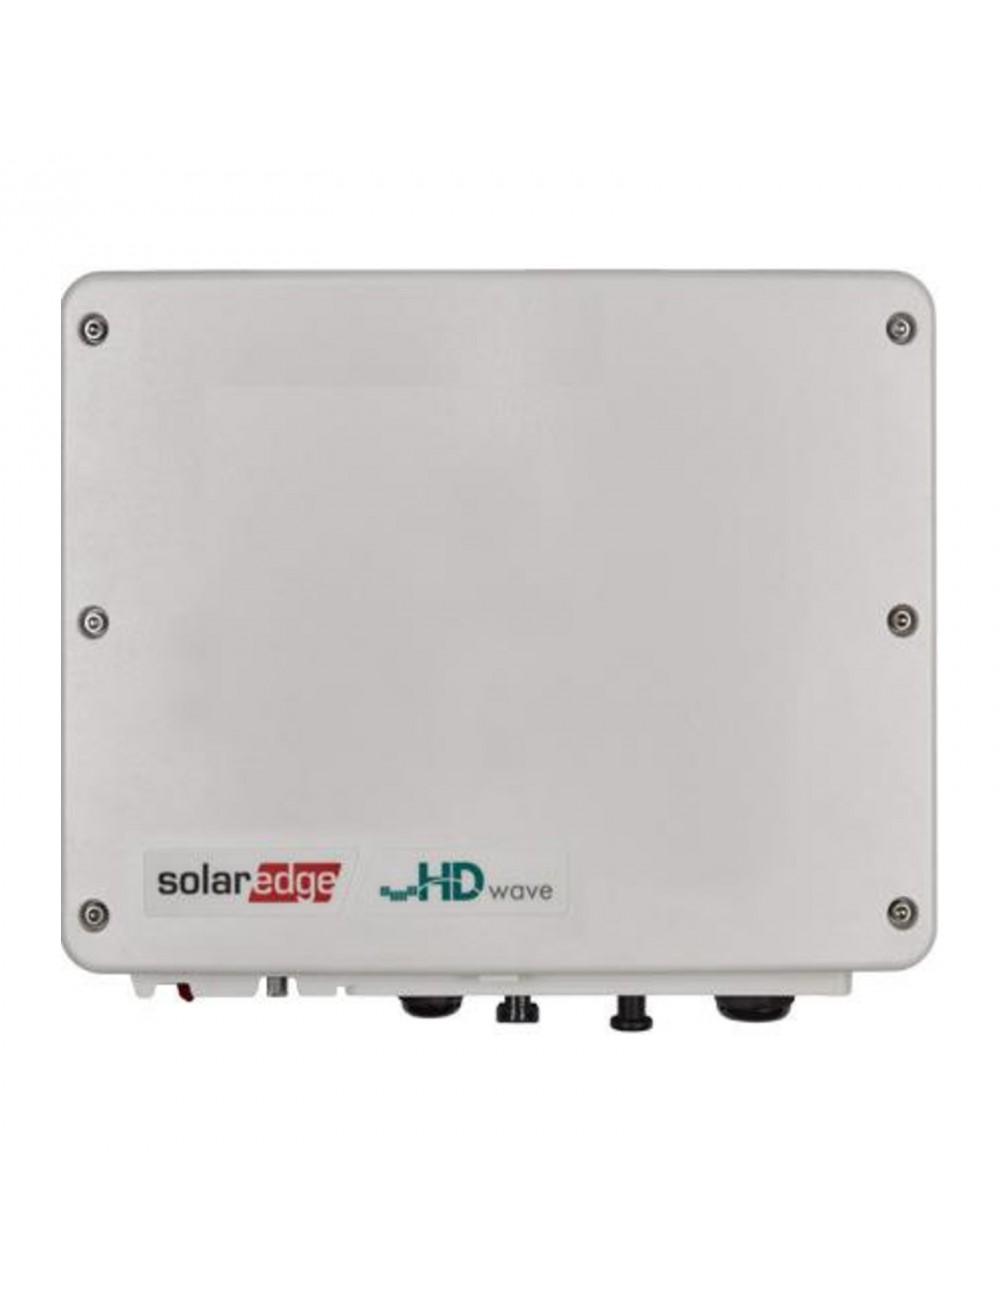 Inverter SolarEdge HD Wave